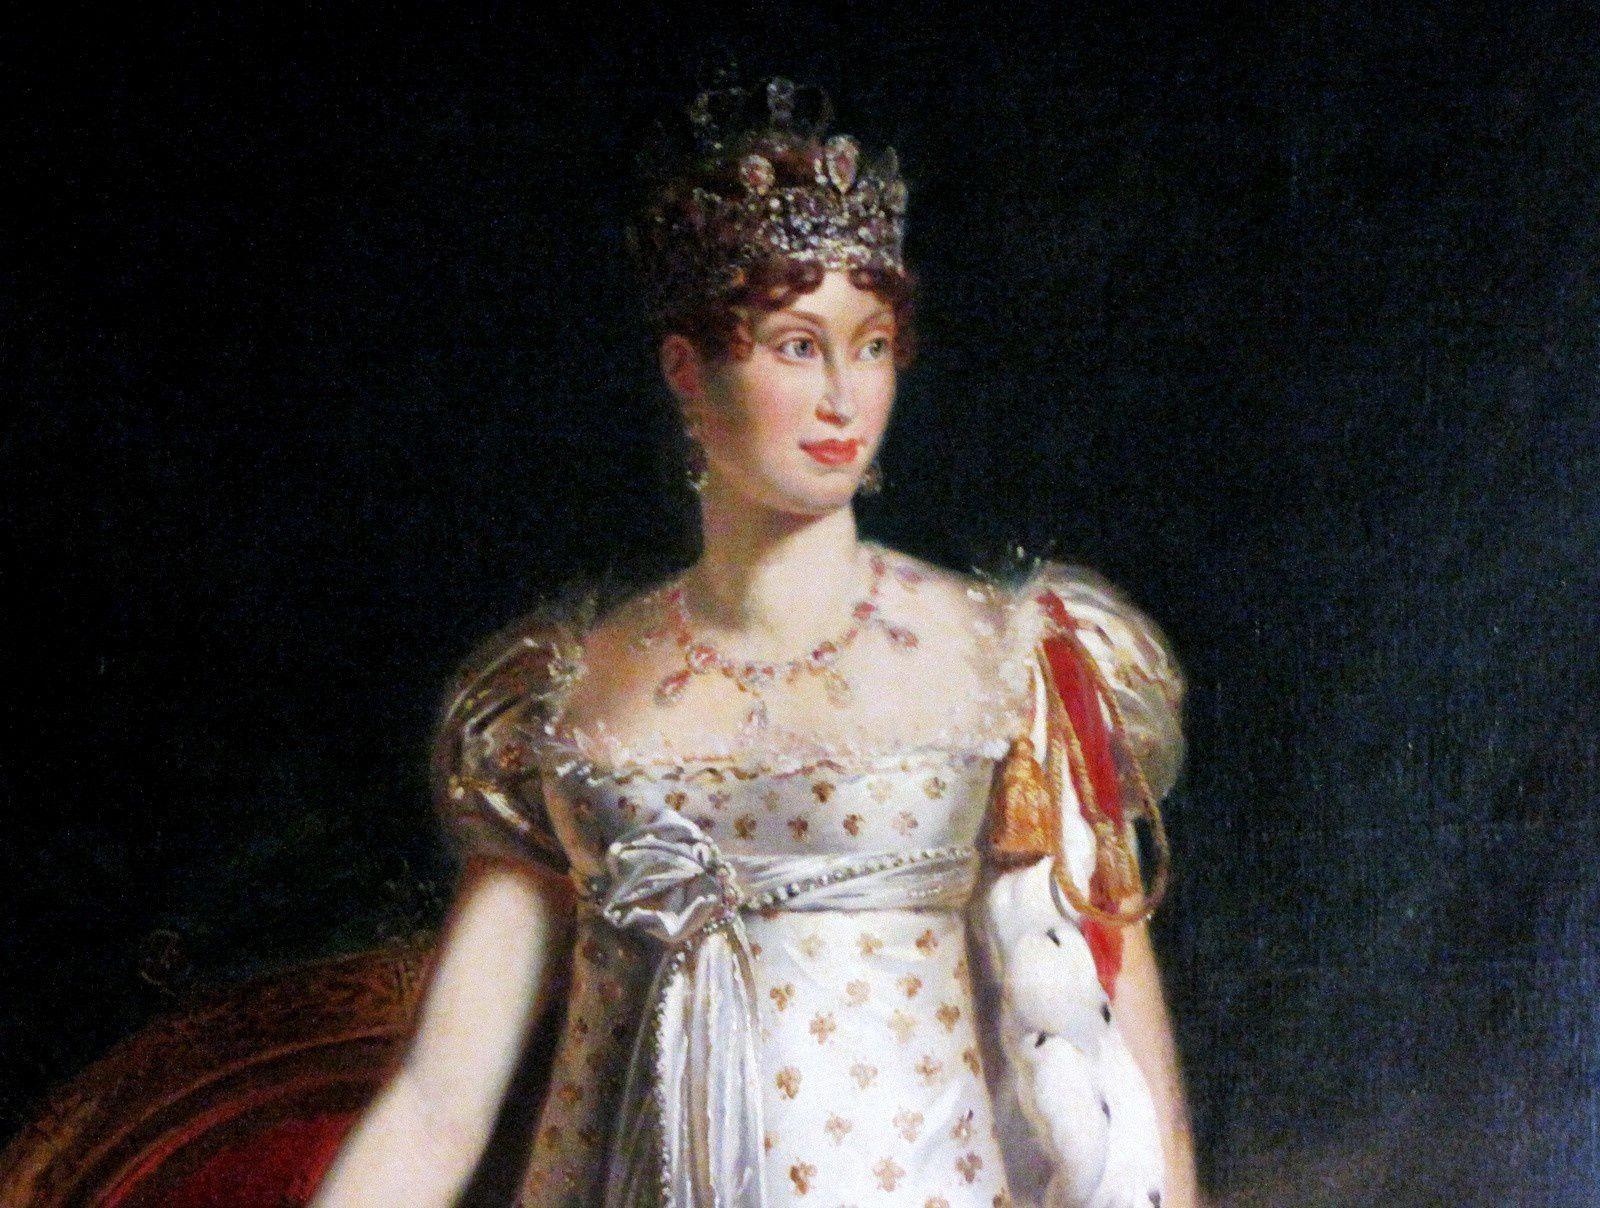 Portrait de Marie-Louise par baron Gérard et horloge